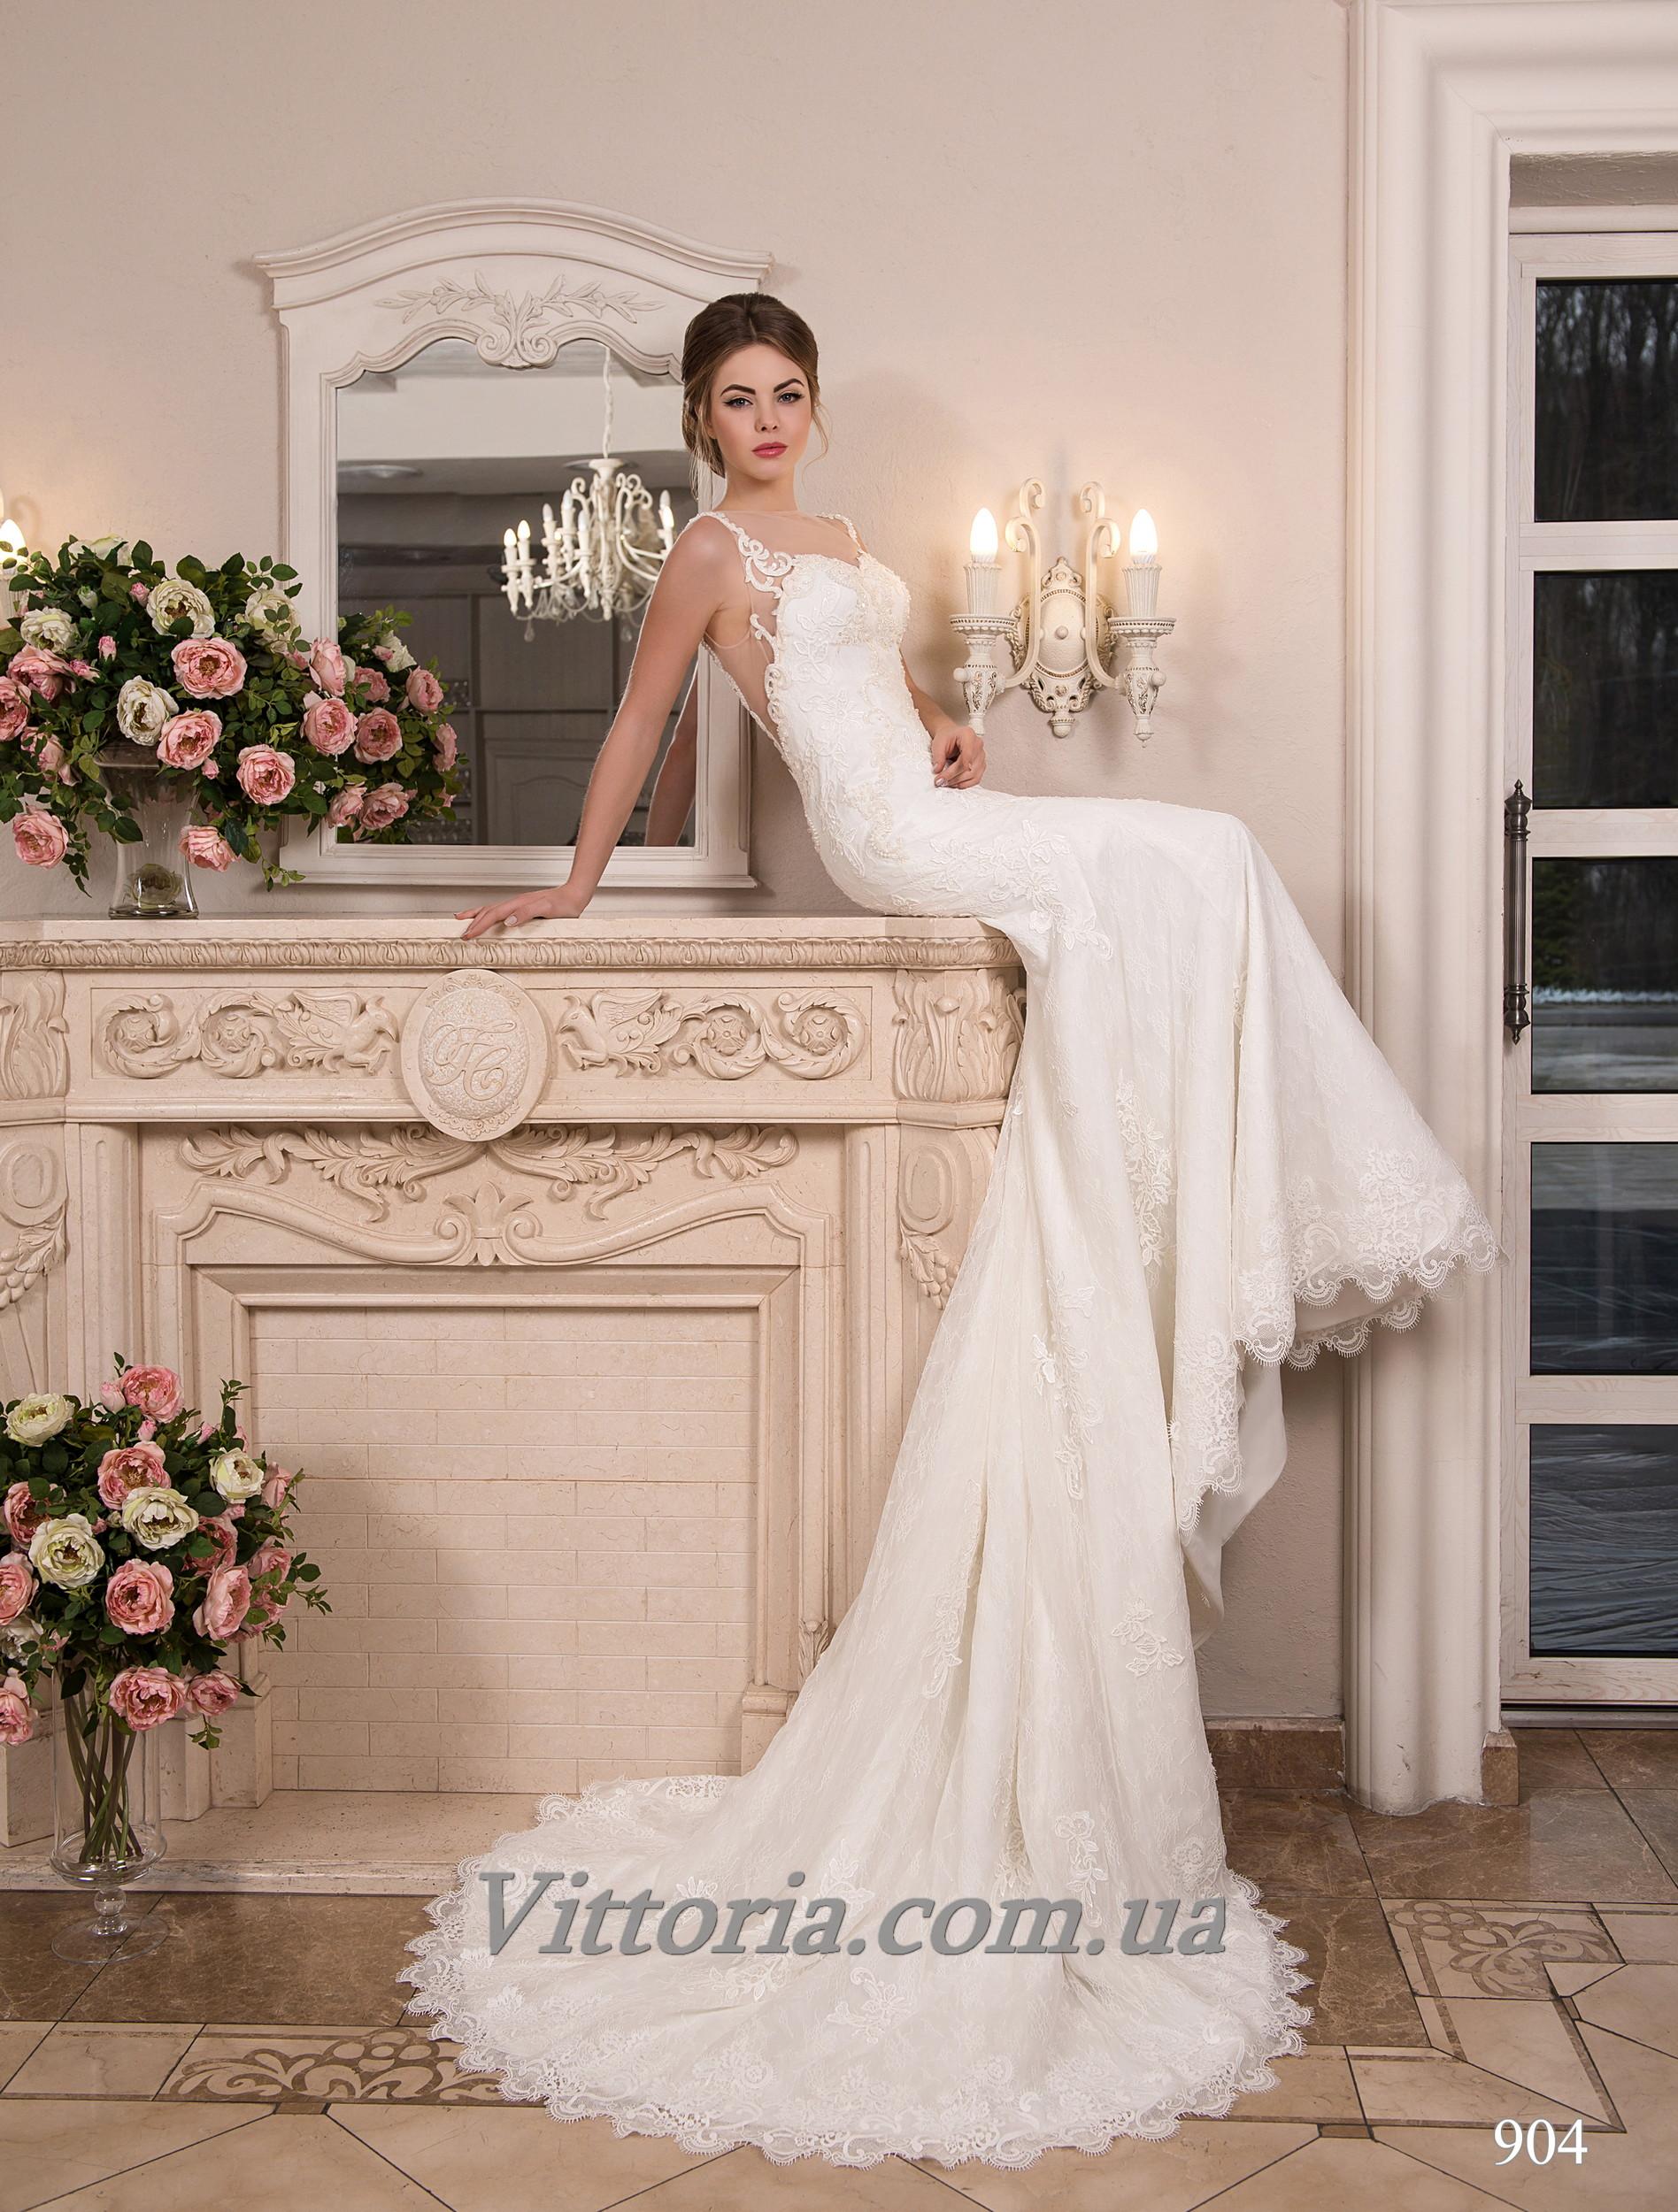 Свадебные платья в пензе в салонах цены